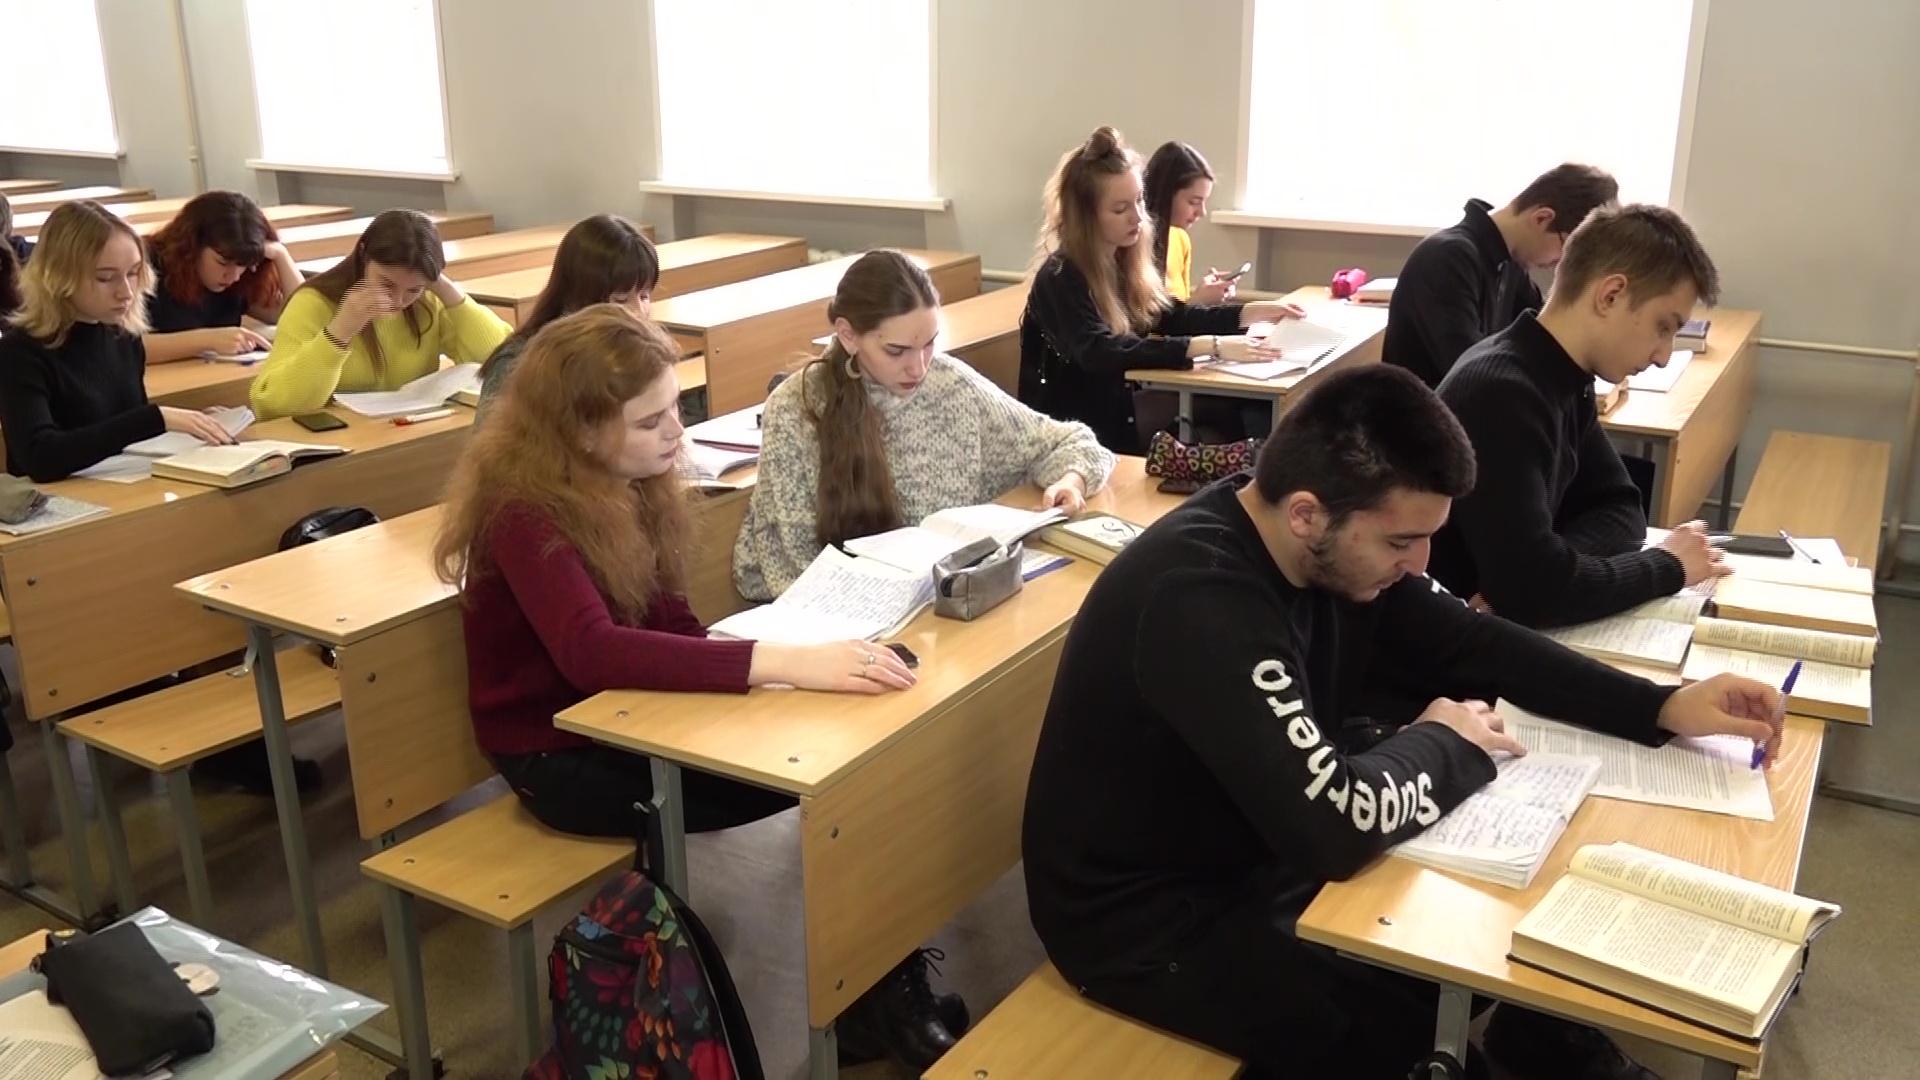 Студенты-юристы ответили на вопросы по Конституции РФ и рассказали, будут ли голосовать за поправки